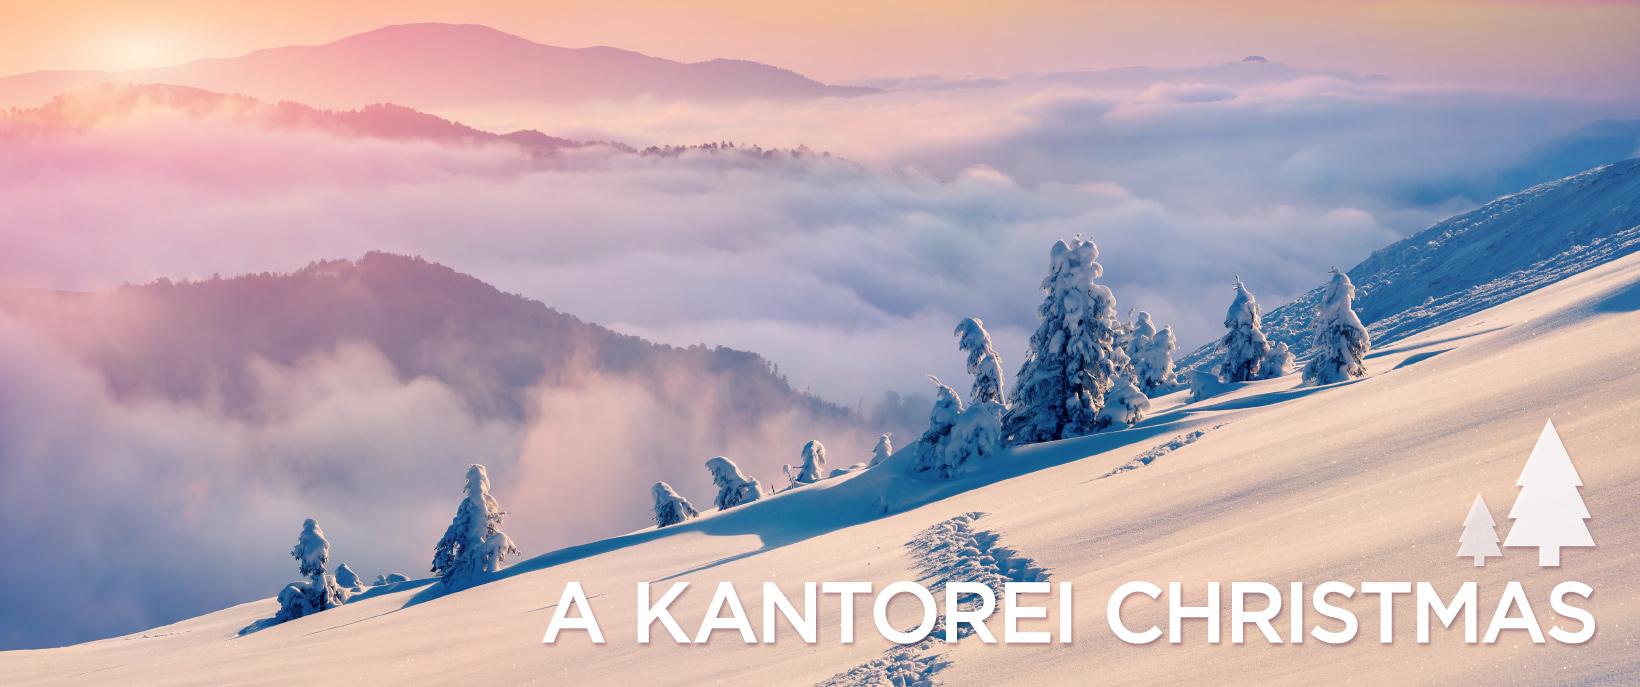 A Kantorei Christmas